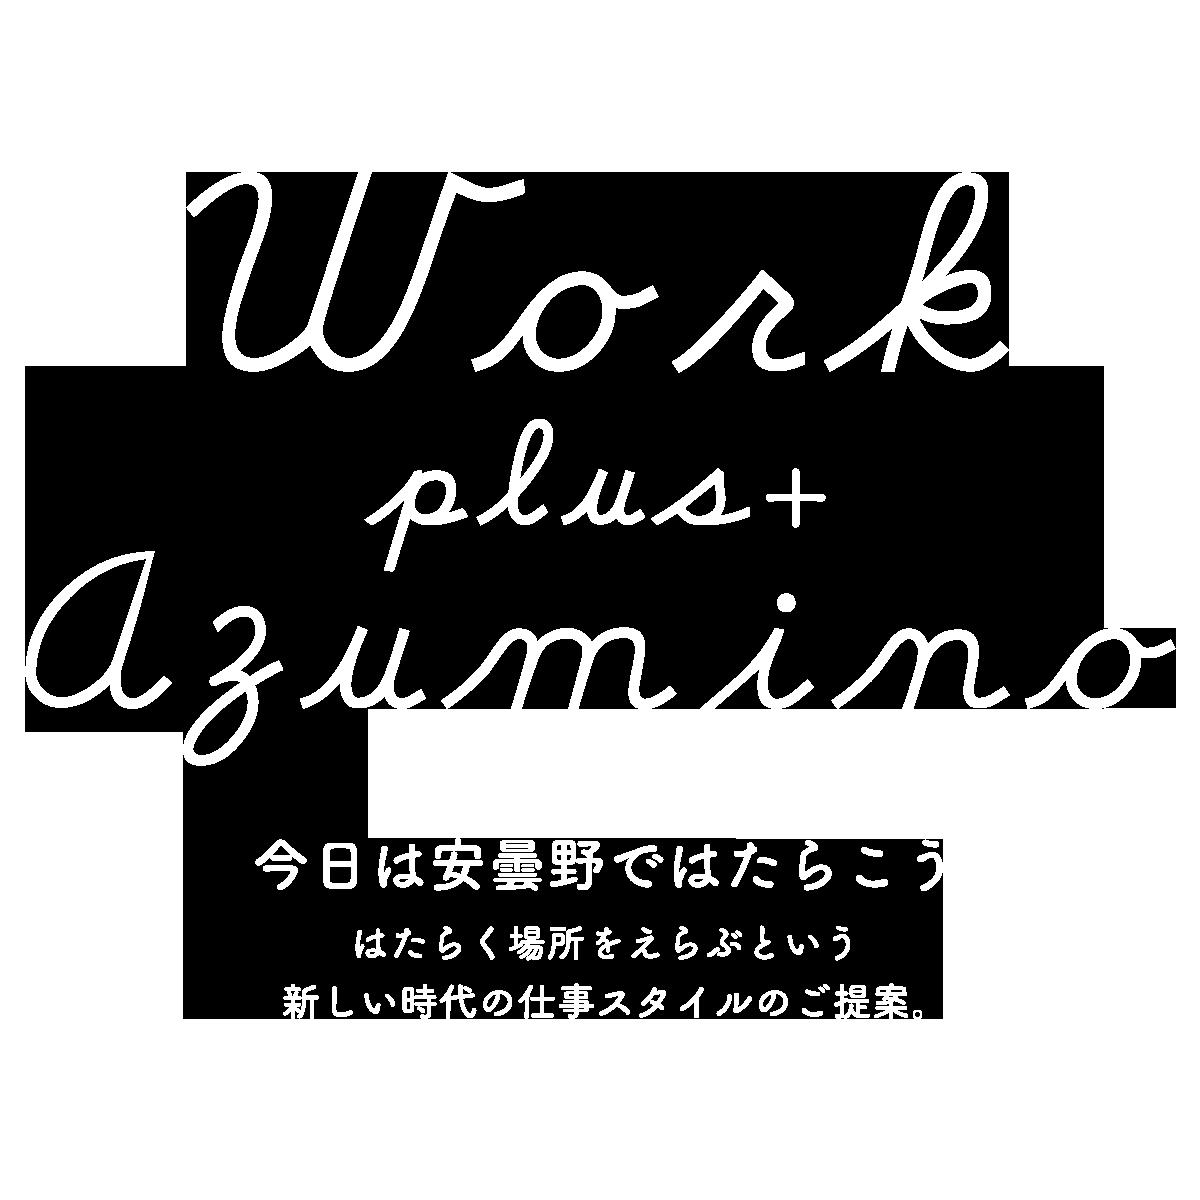 Work plus Azumino 長野県安曇野のコワーキングスペースを活用しよう